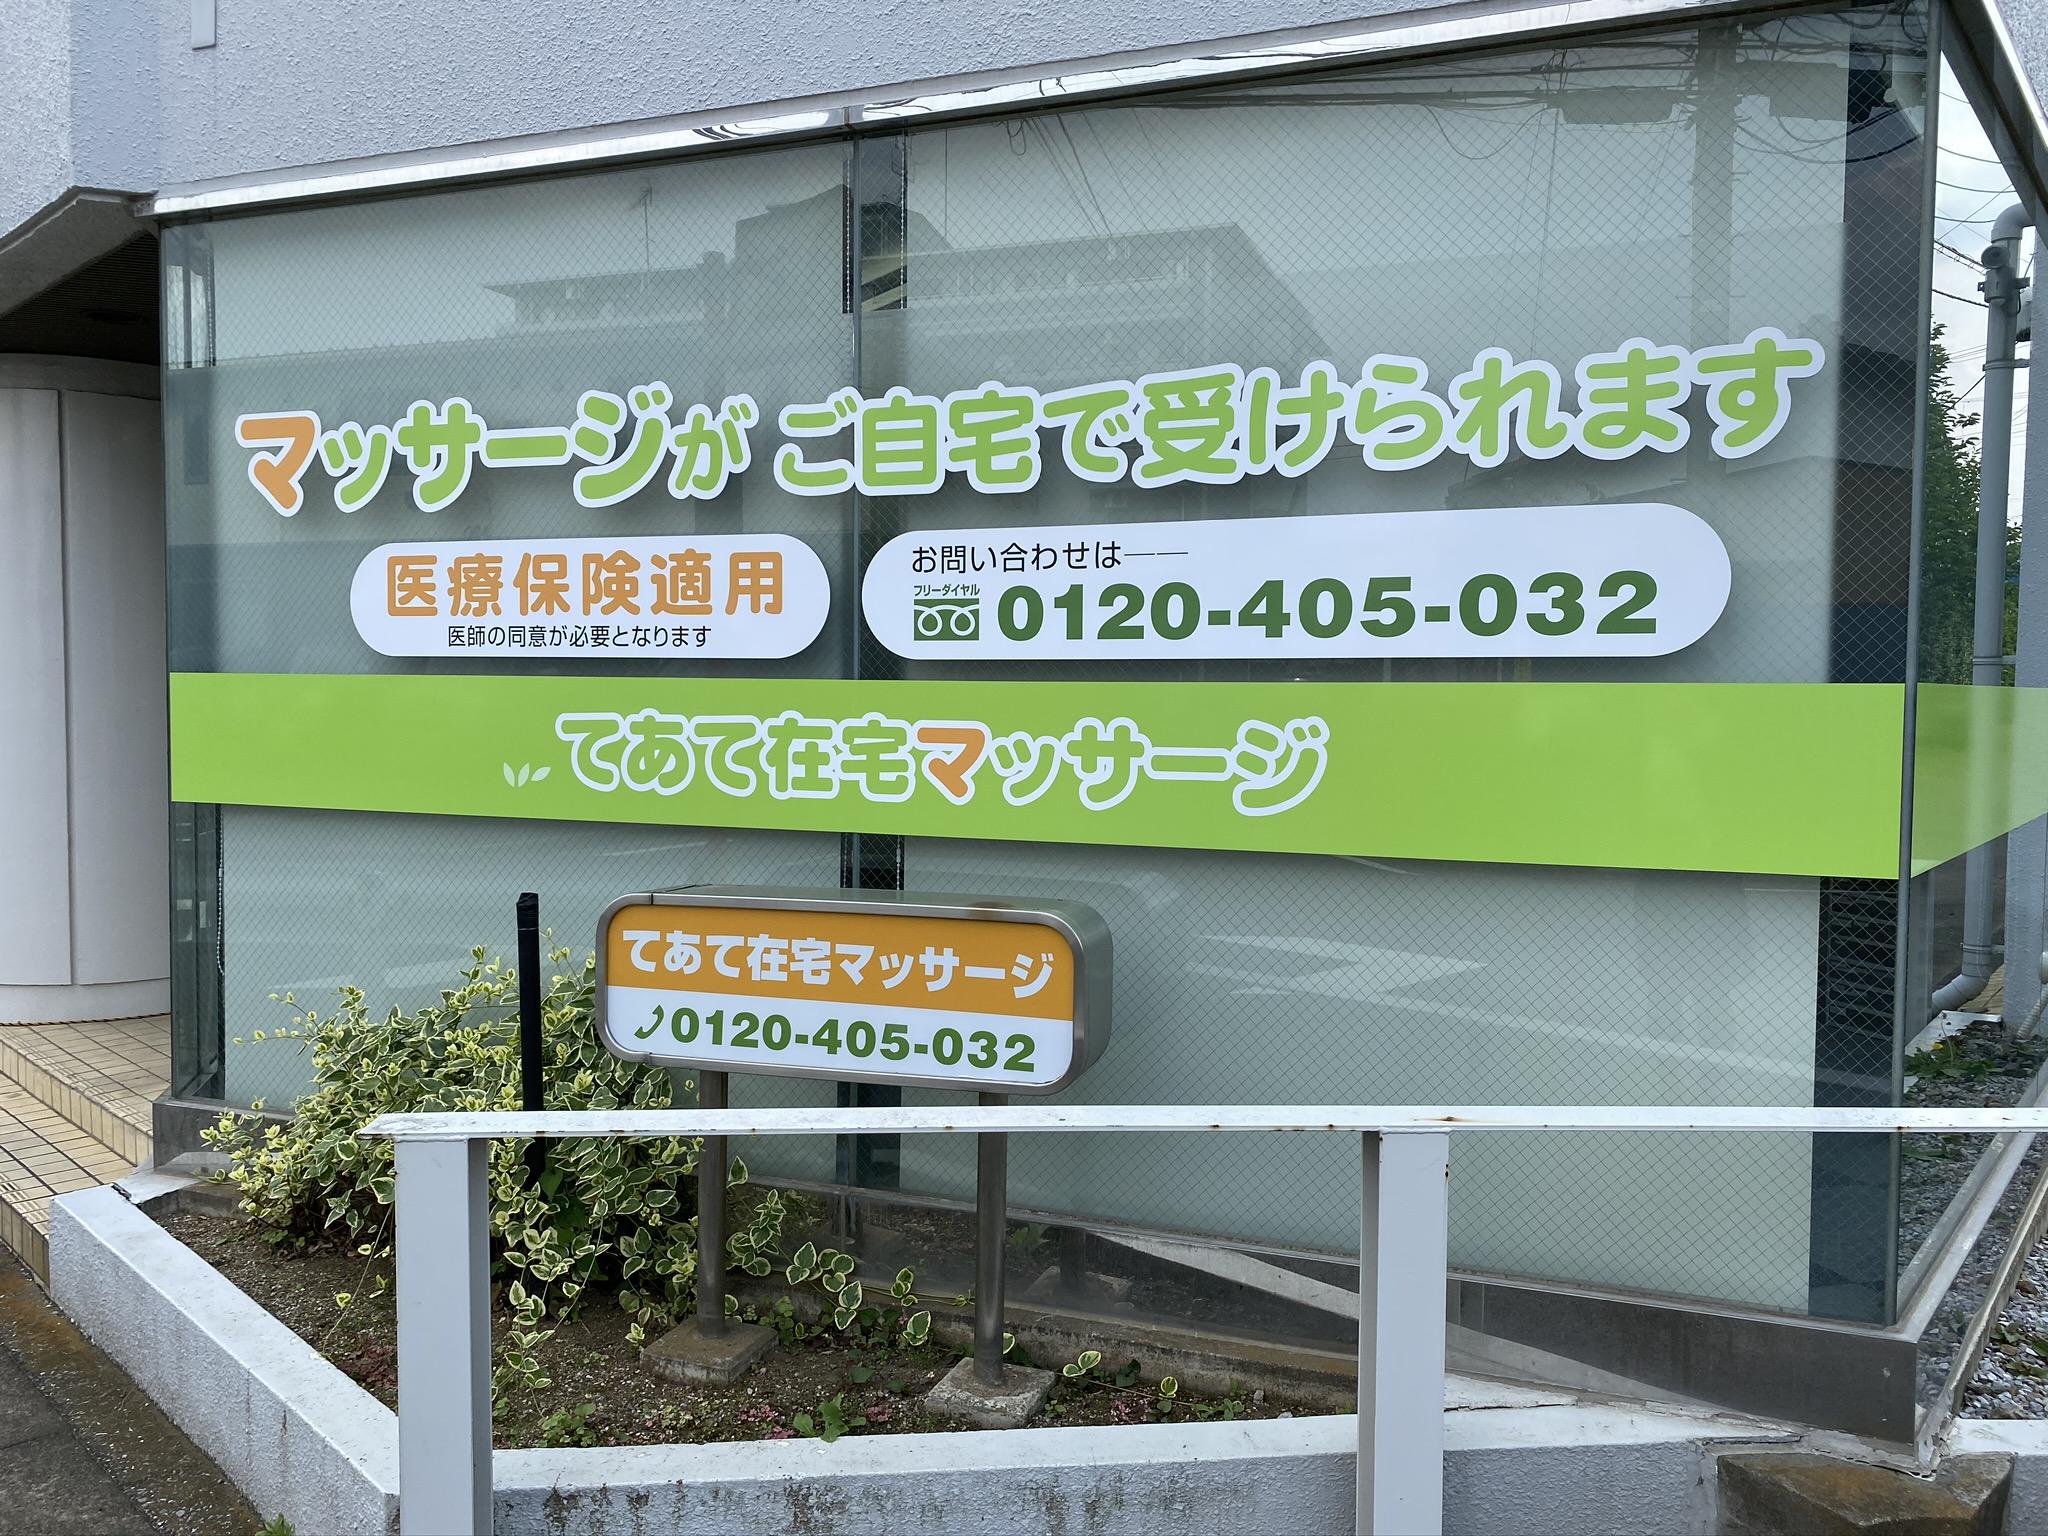 こんにちは。浦和院です。